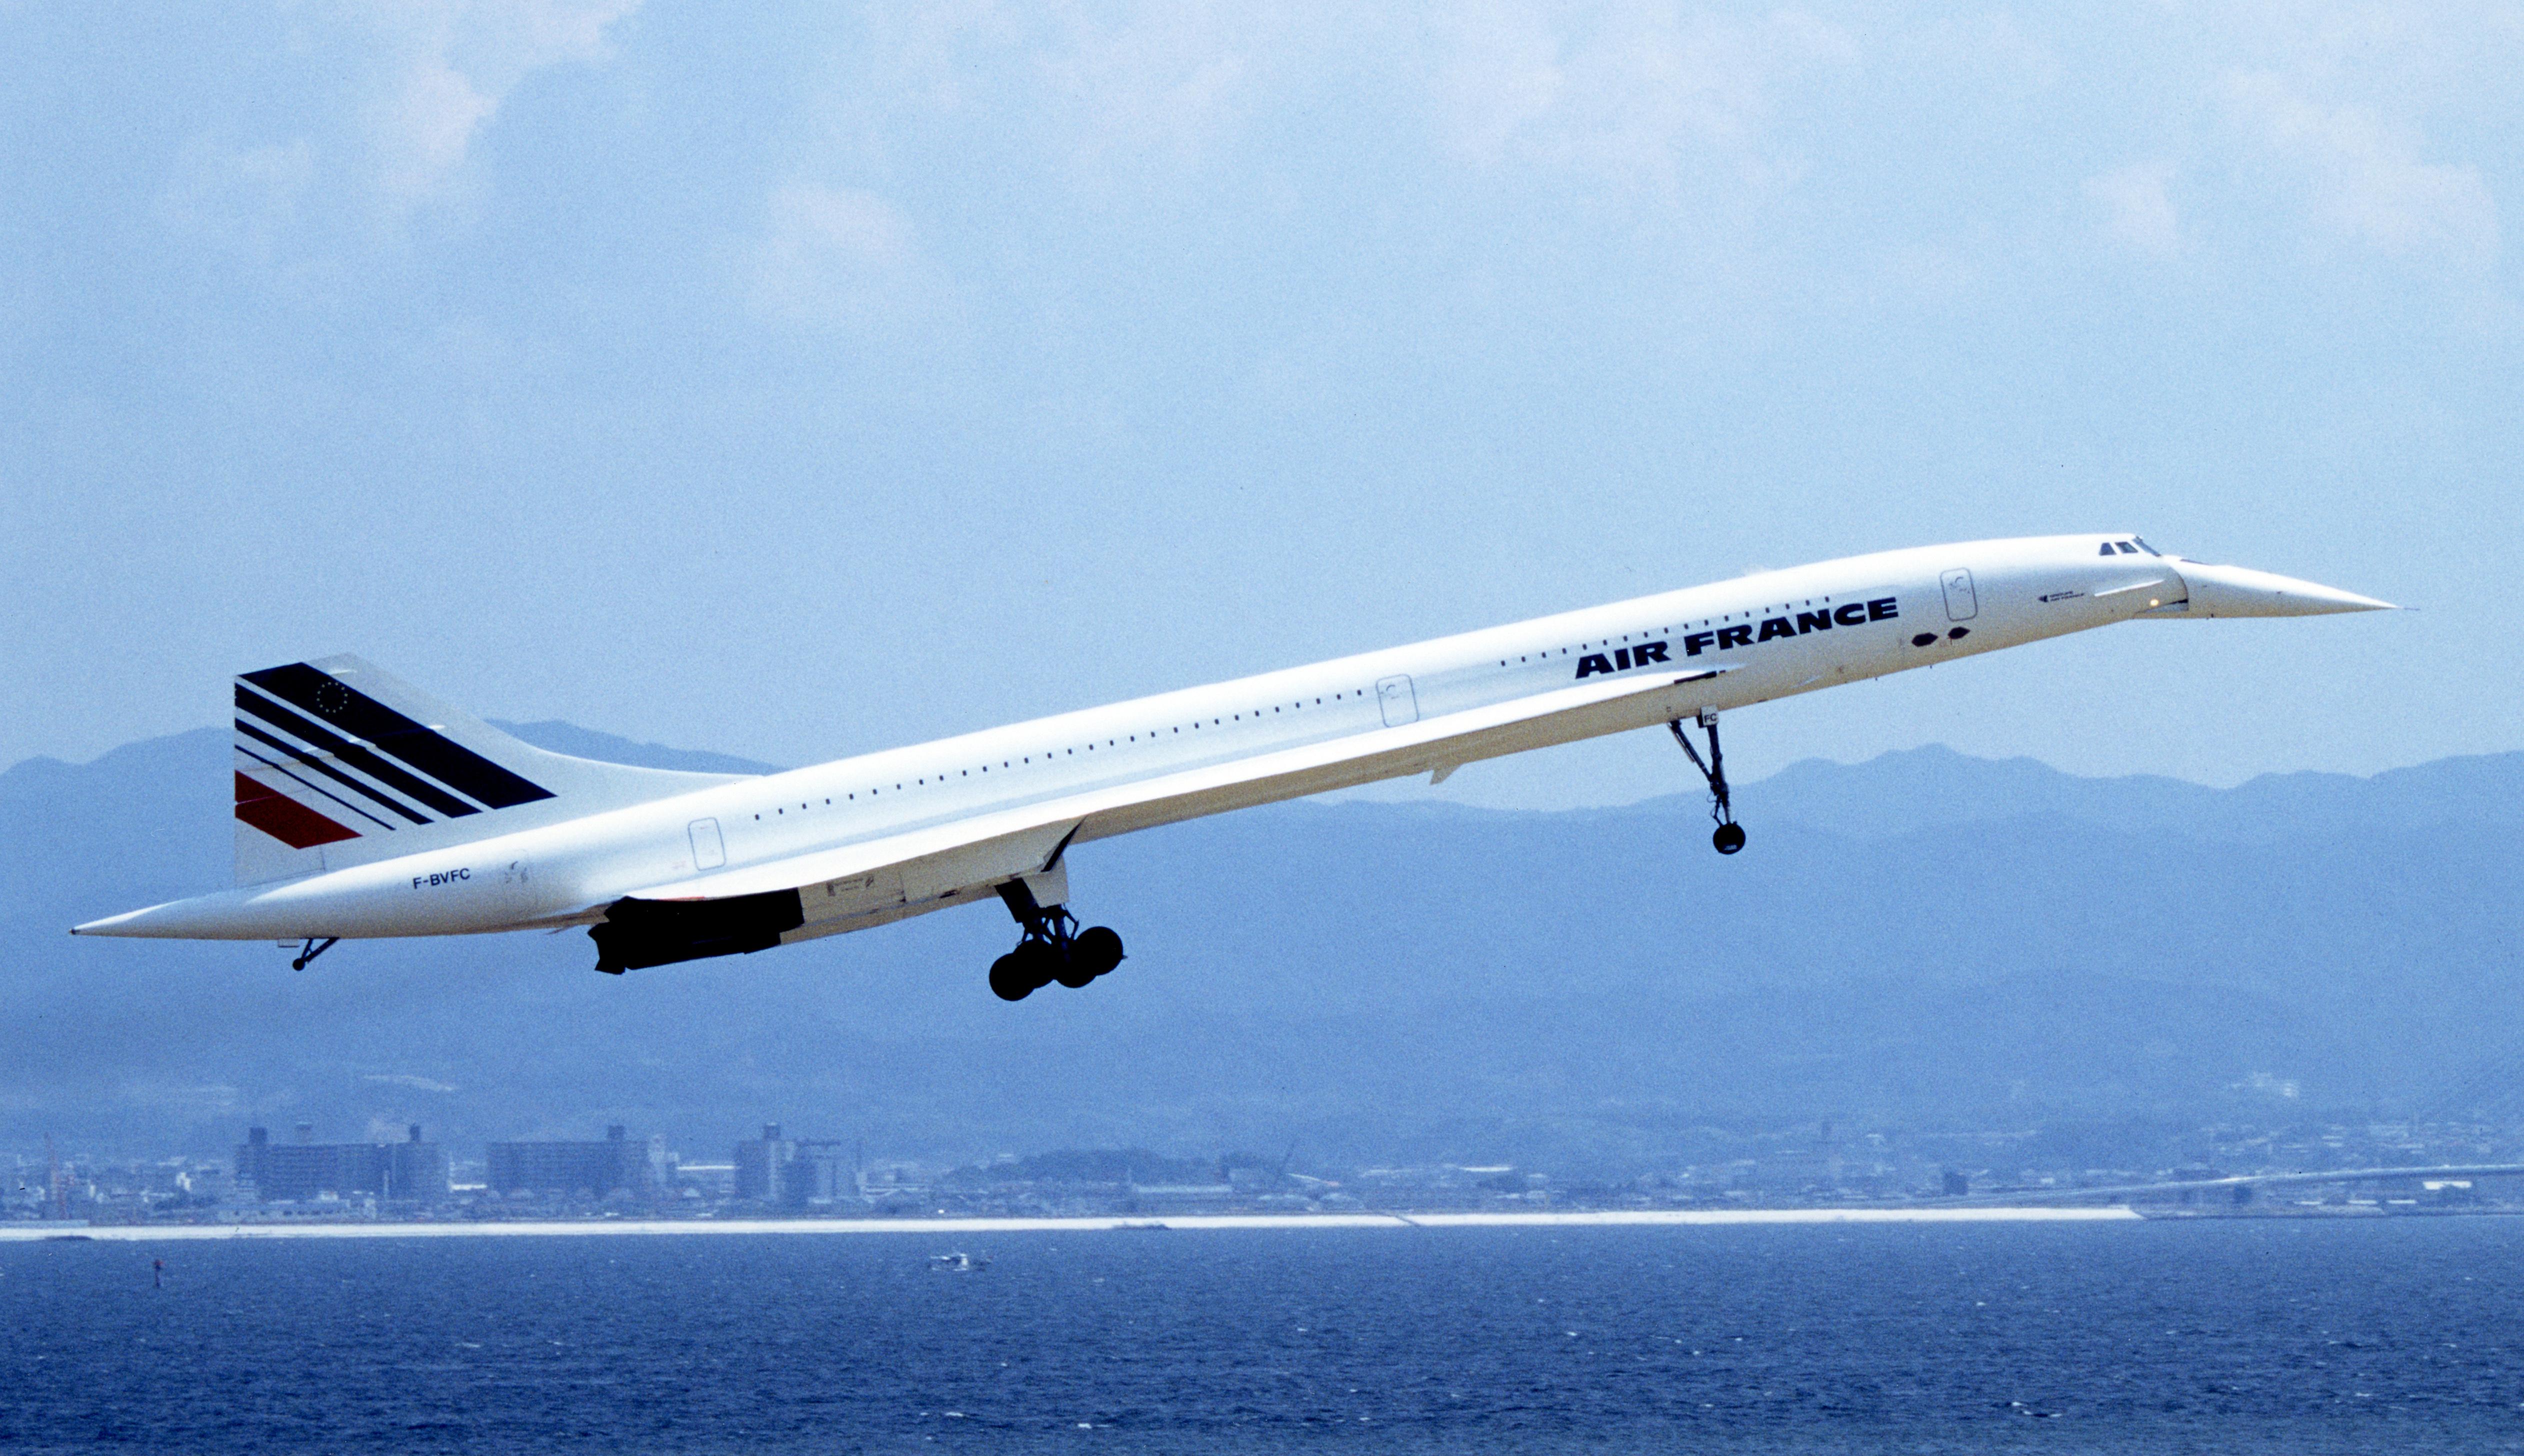 F BVFC Air France ArospatialeBAC Concorde 101   cn 209 4k Ultra 5048x2913